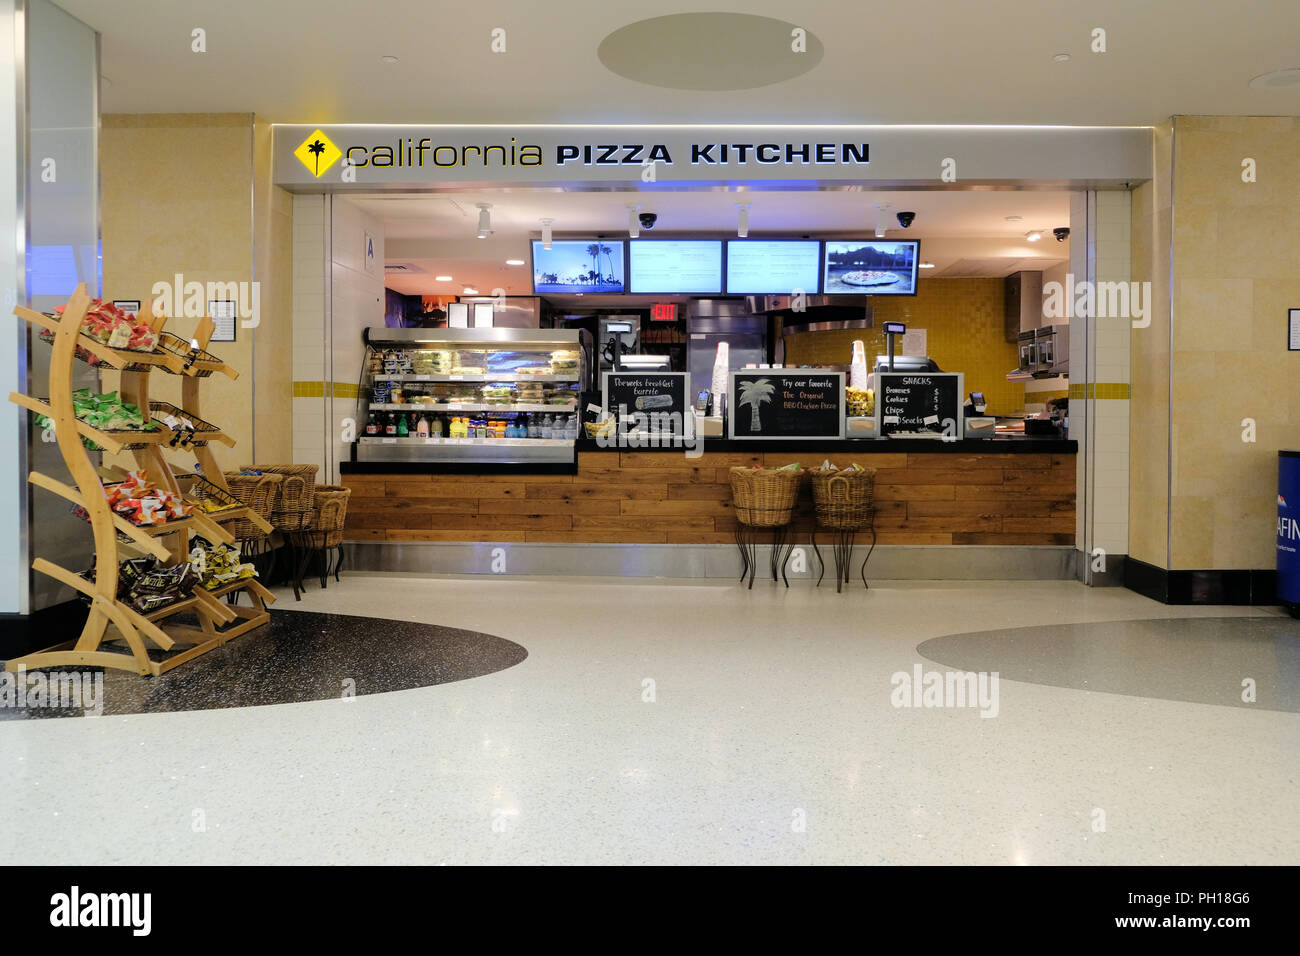 California Pizza Kitchen Restaurant At San Diego